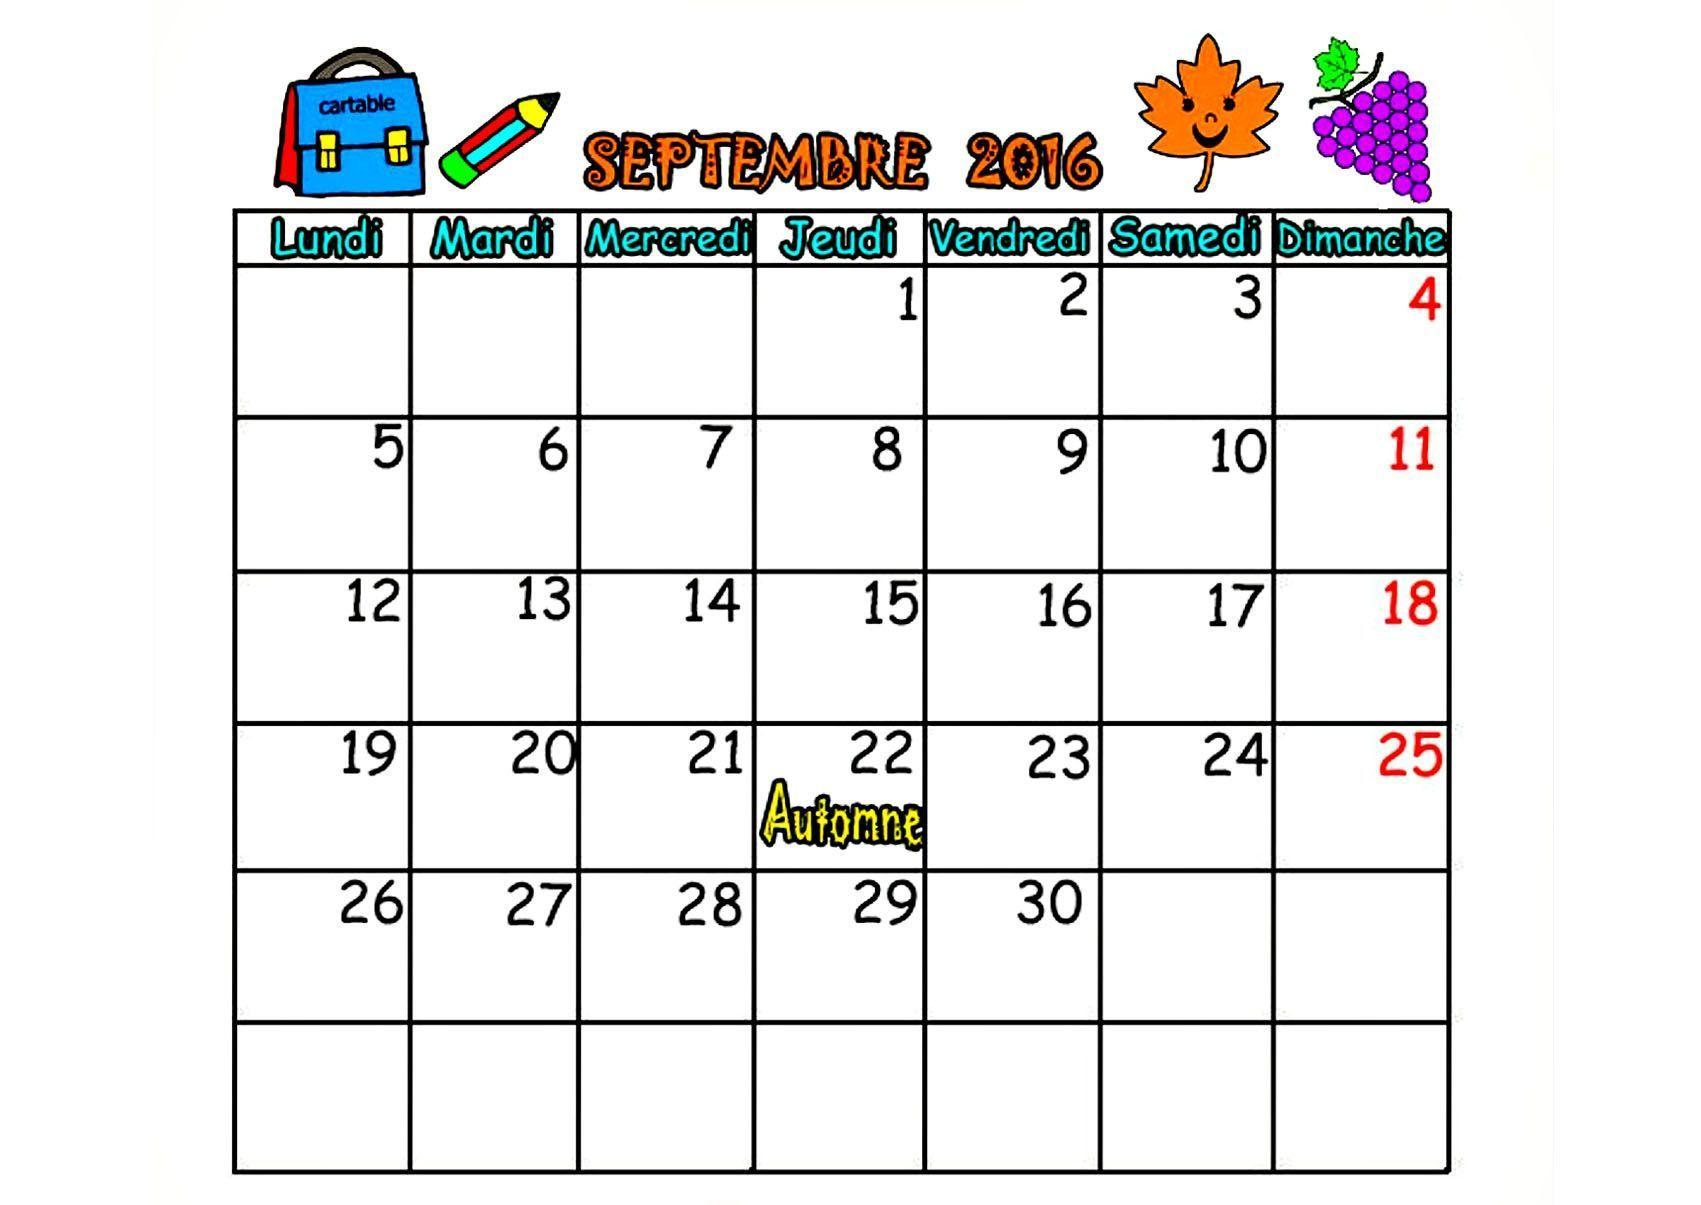 Calendrier Mois De Septembre.Calendrier 2016 Mois Septembre Octobre Novembre Decembre